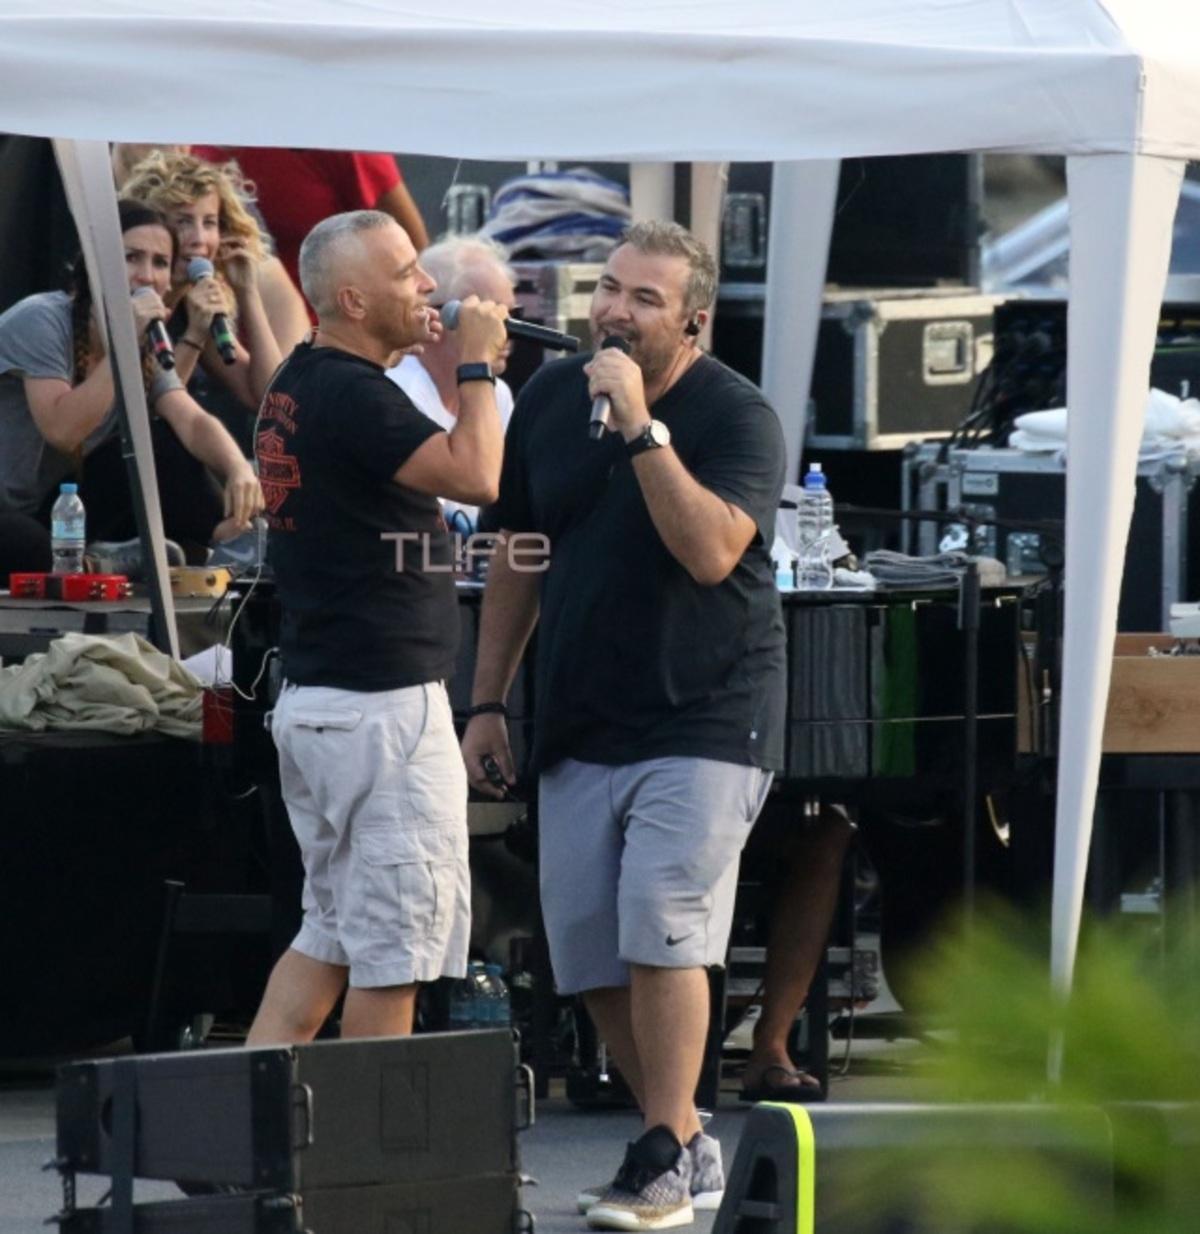 Μύκονος: «Φωτιά» στο Twitter για την συναυλία Ρέμου – Ραμαζότι! | Newsit.gr